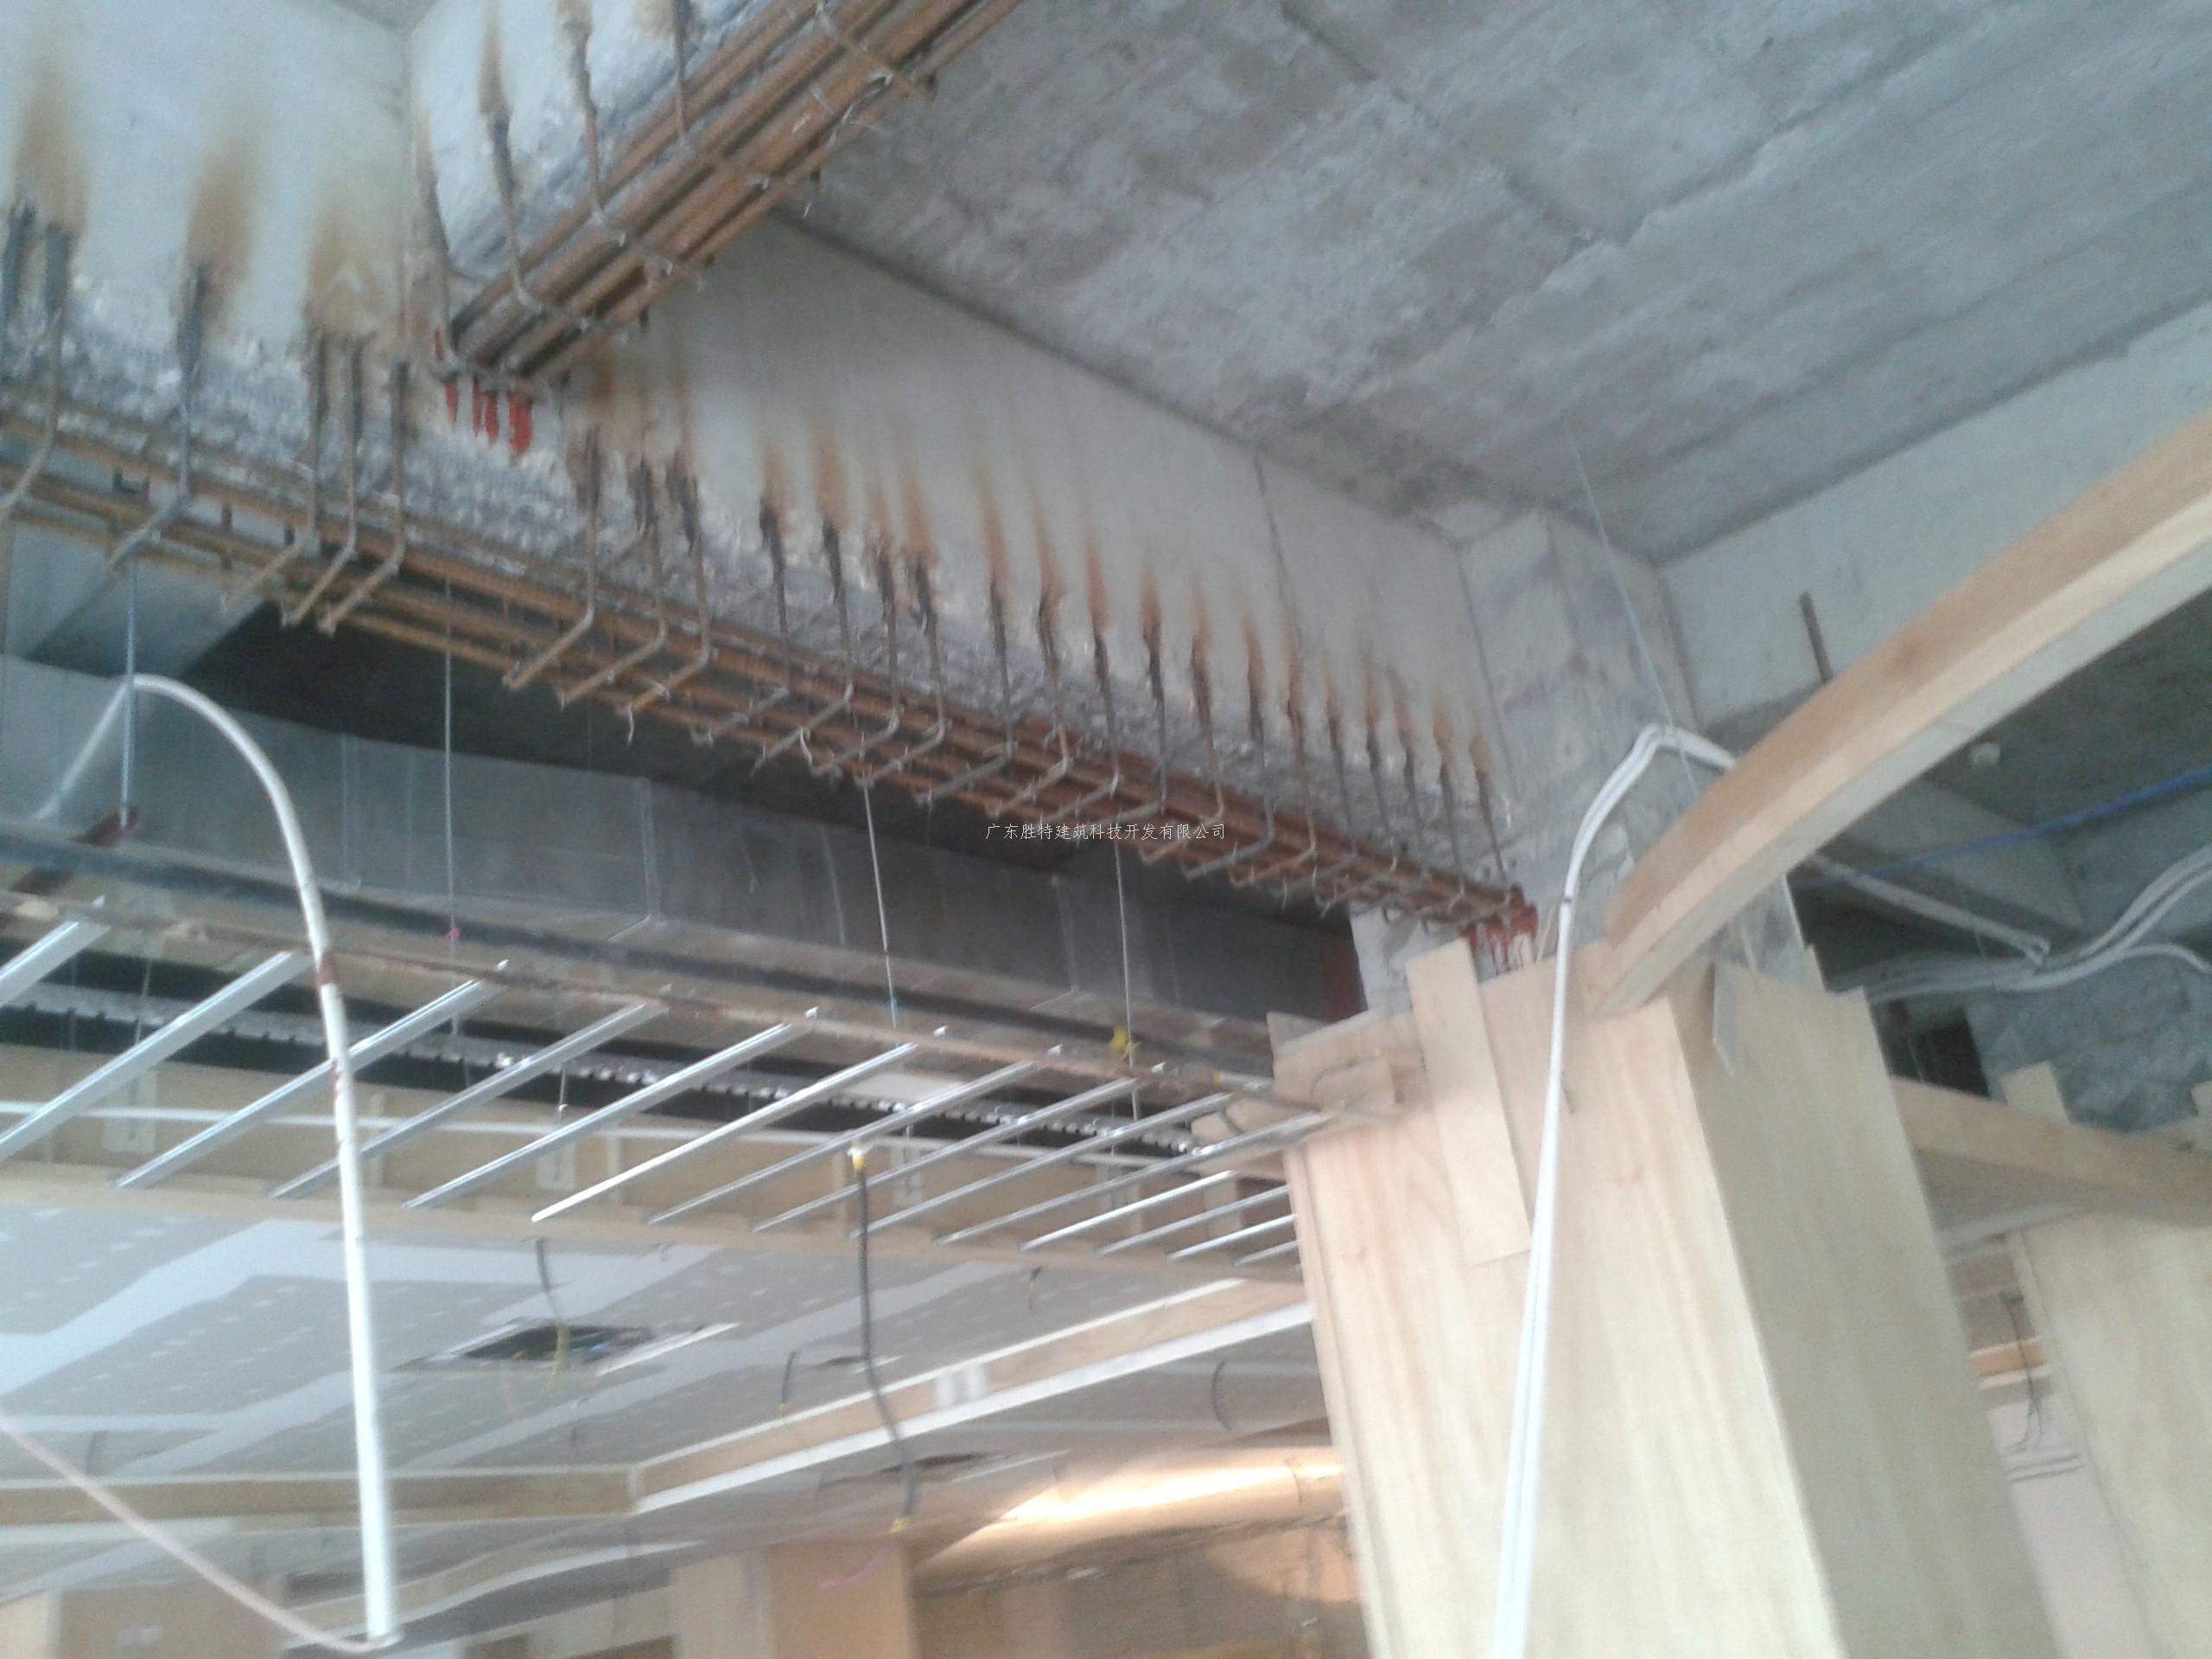 从而对原结构梁板柱造成影响,需采取加固补强措施,我司对不满足安全